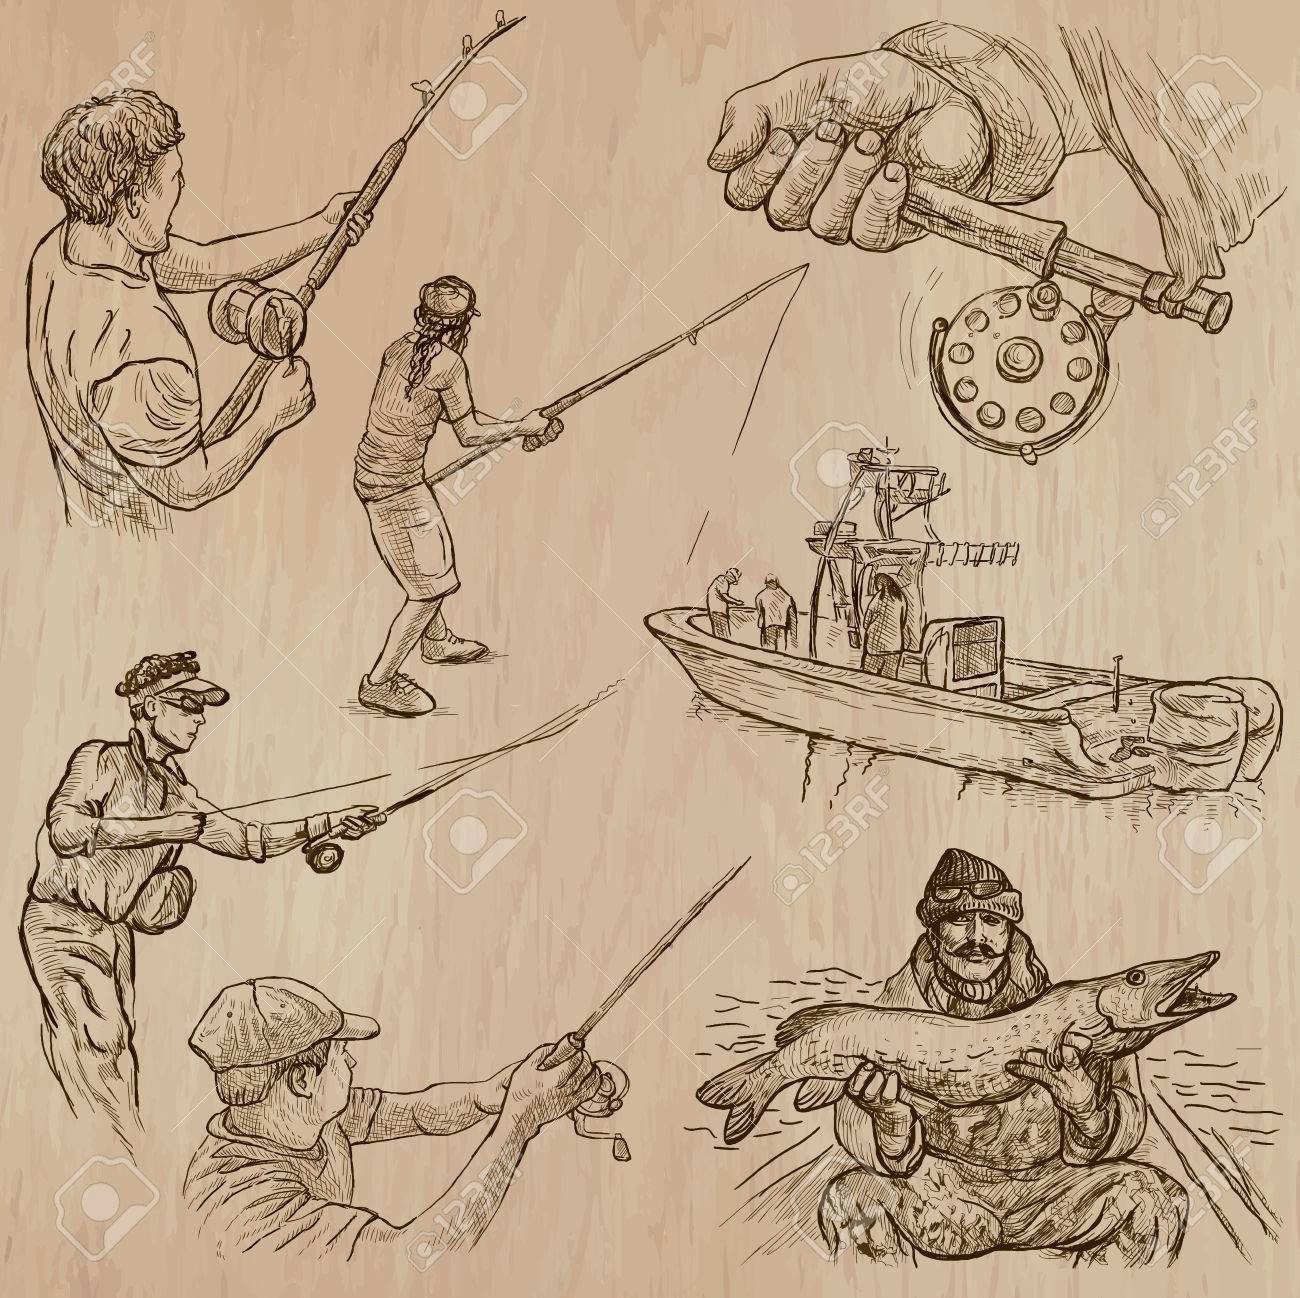 Pêche Et De Pêcheurs Ensemble No 4 Collection D Une Main Dessiné Des Illustrations Vectorielles Chaque Dessin Comporte Quelques Couches De